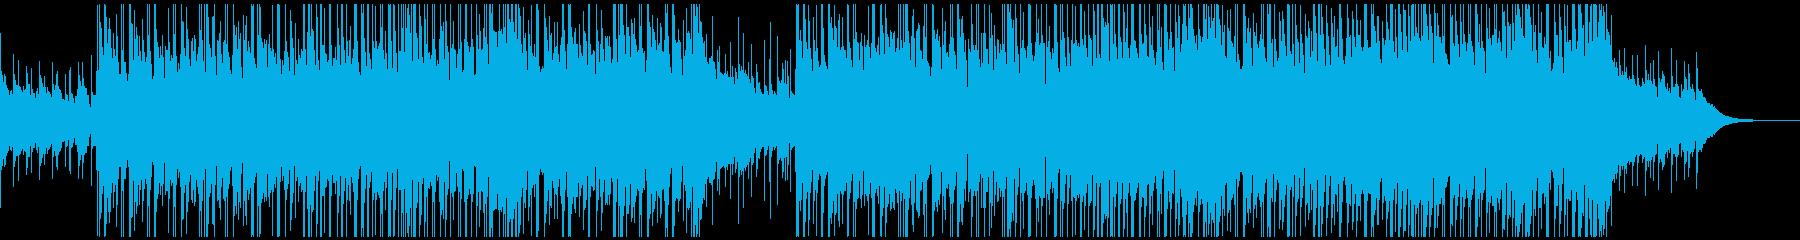 アコギ(生演奏)&バンドの爽やかBGMの再生済みの波形